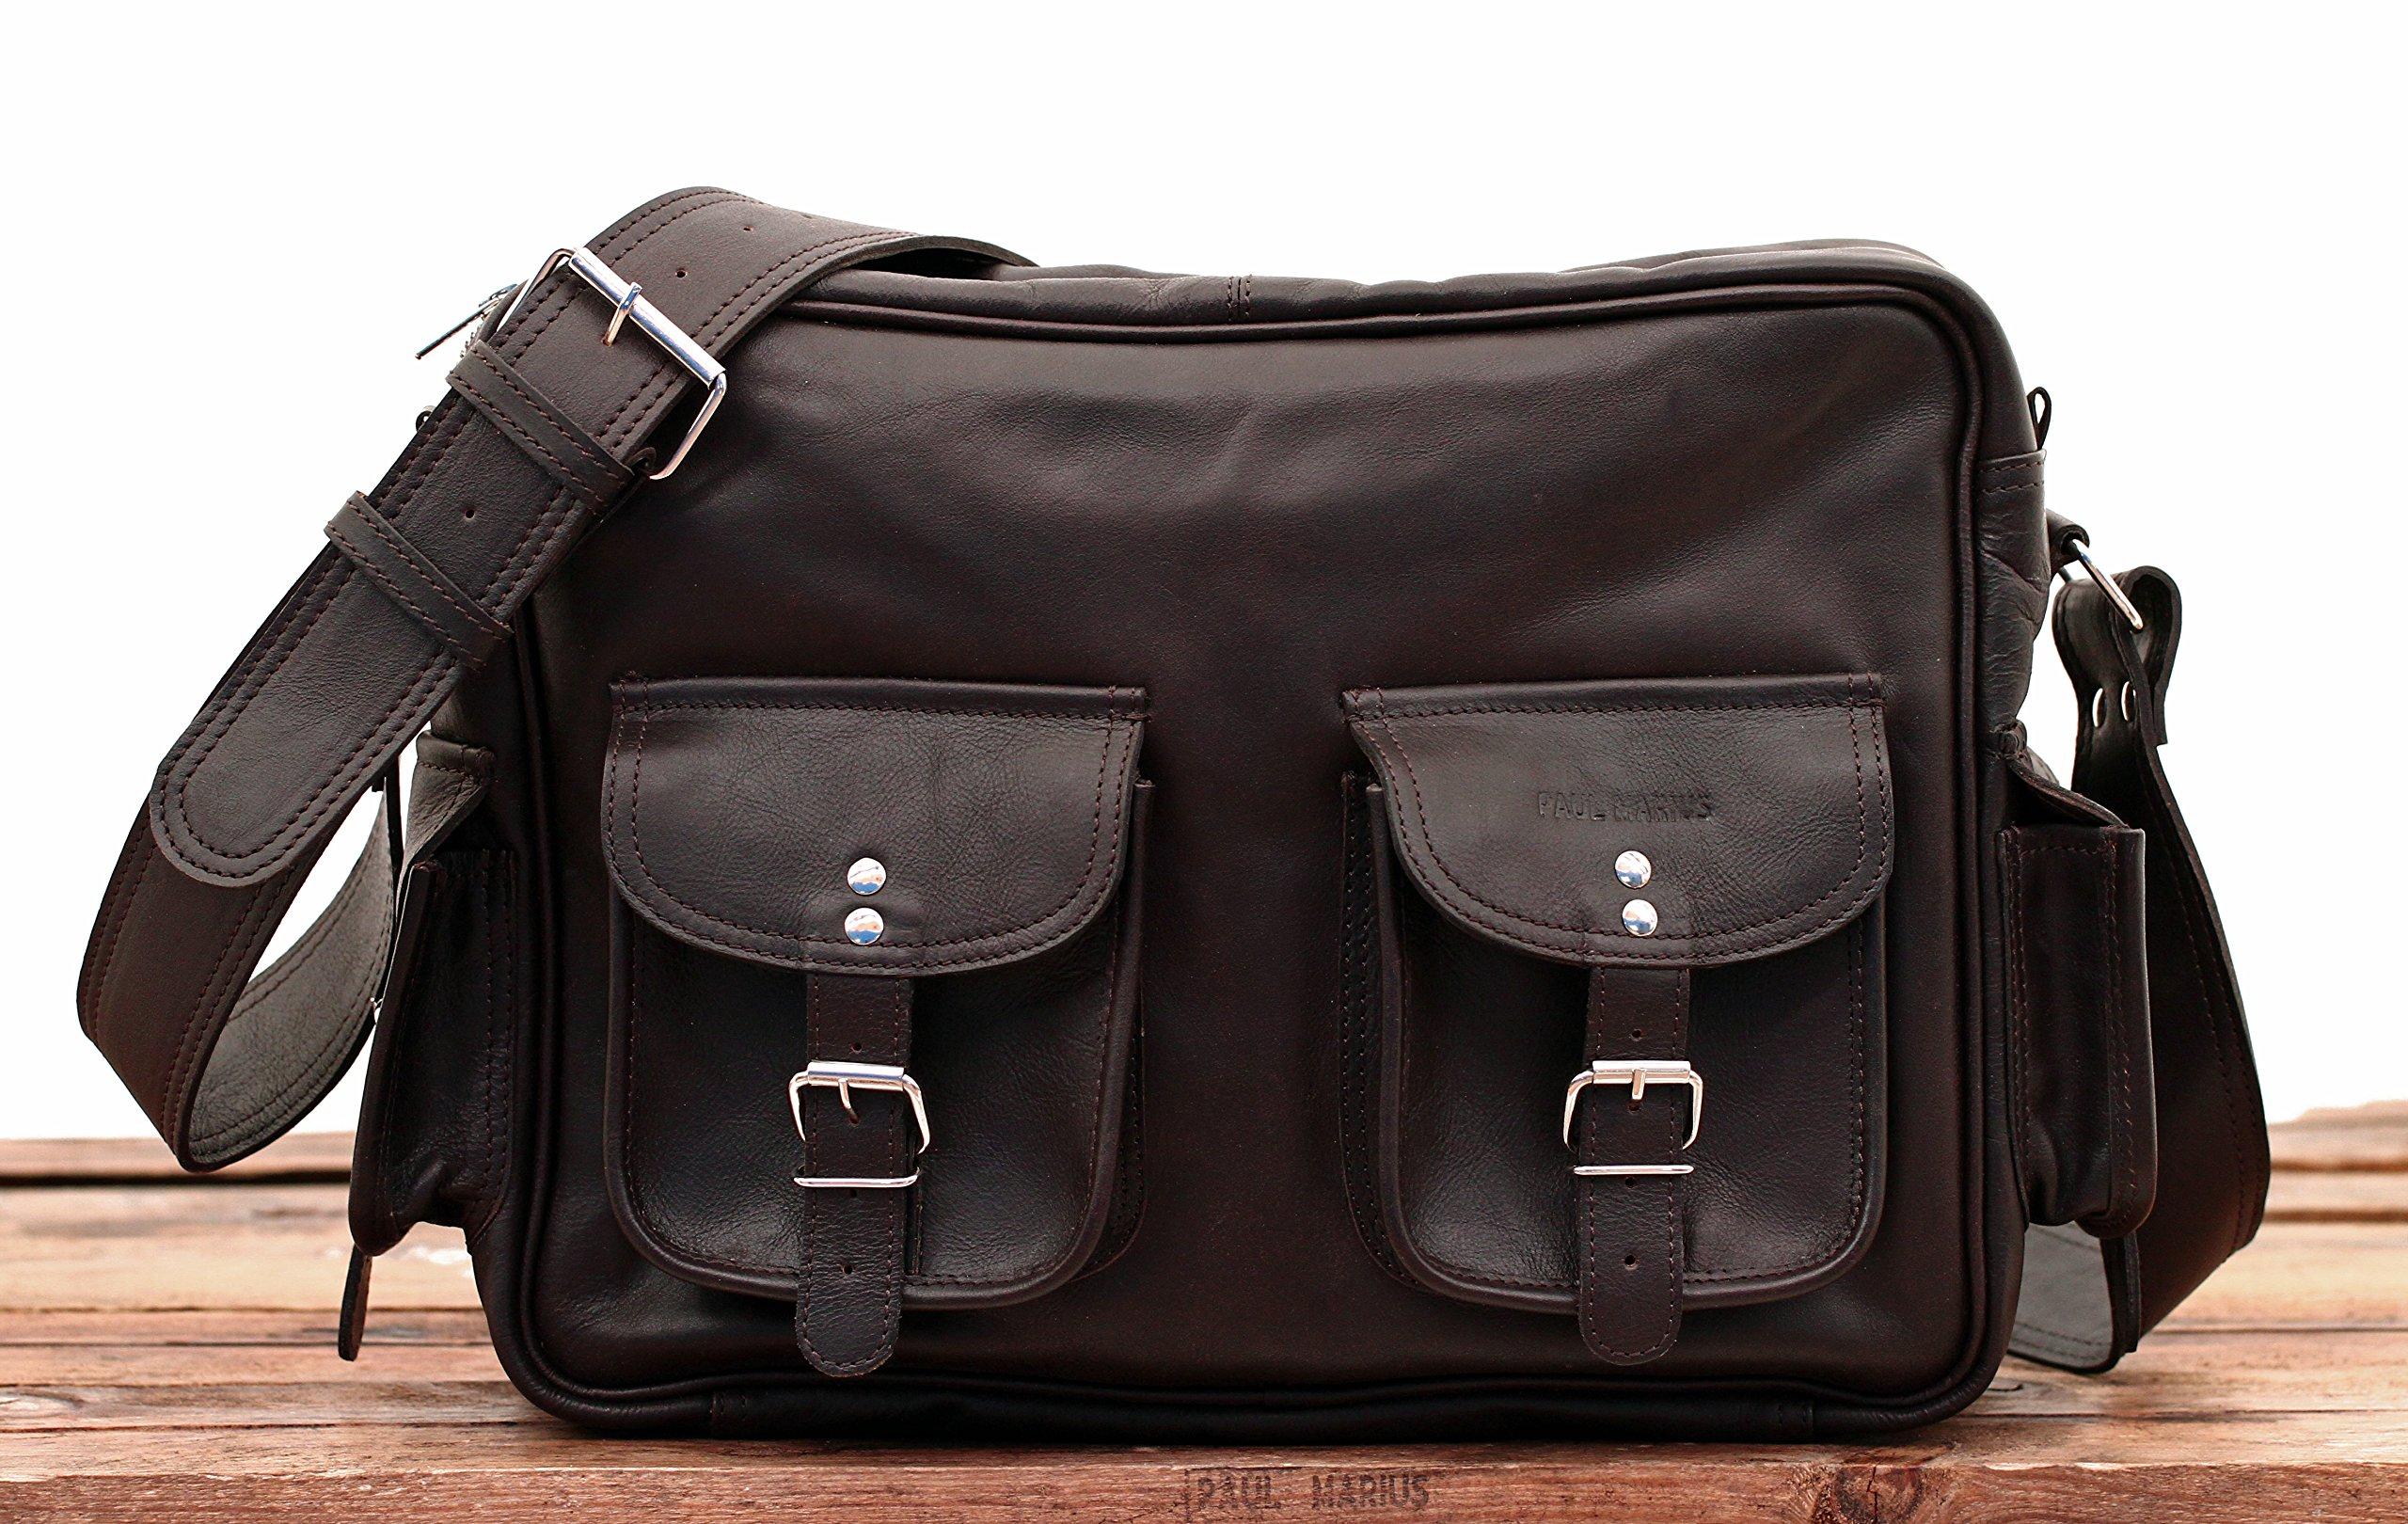 91ifyP7coeL - PAUL MARIUS LE MULTIPOCHES INDUS, Bolso bandolera de cuero, estilo vintage, bandolera de cuero, bolso con bolsillos…